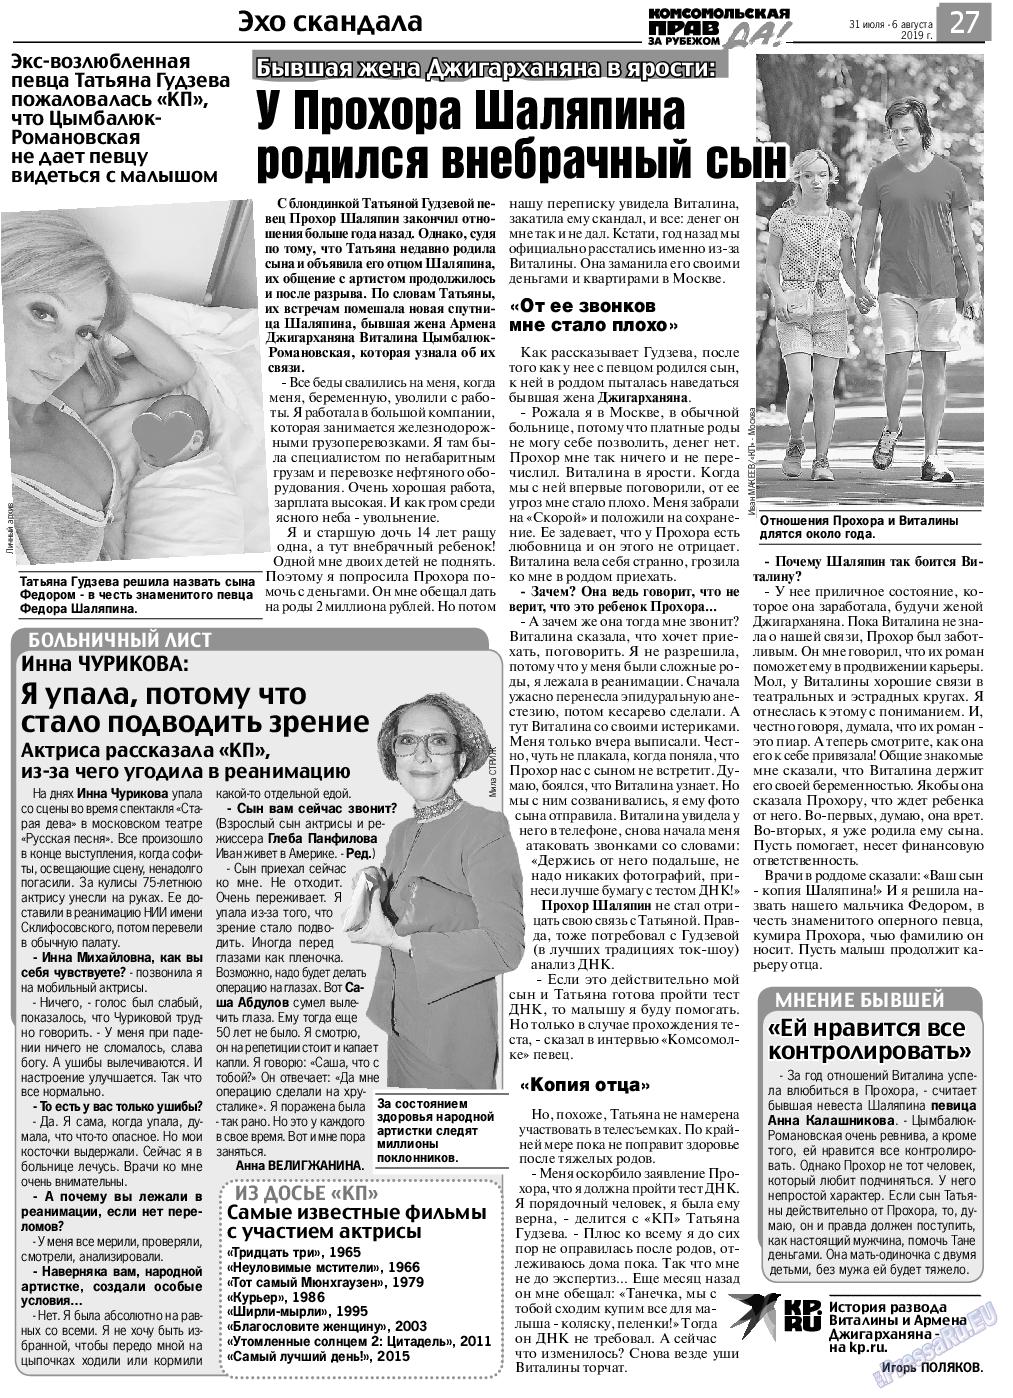 КП в Европе (газета). 2019 год, номер 31, стр. 27